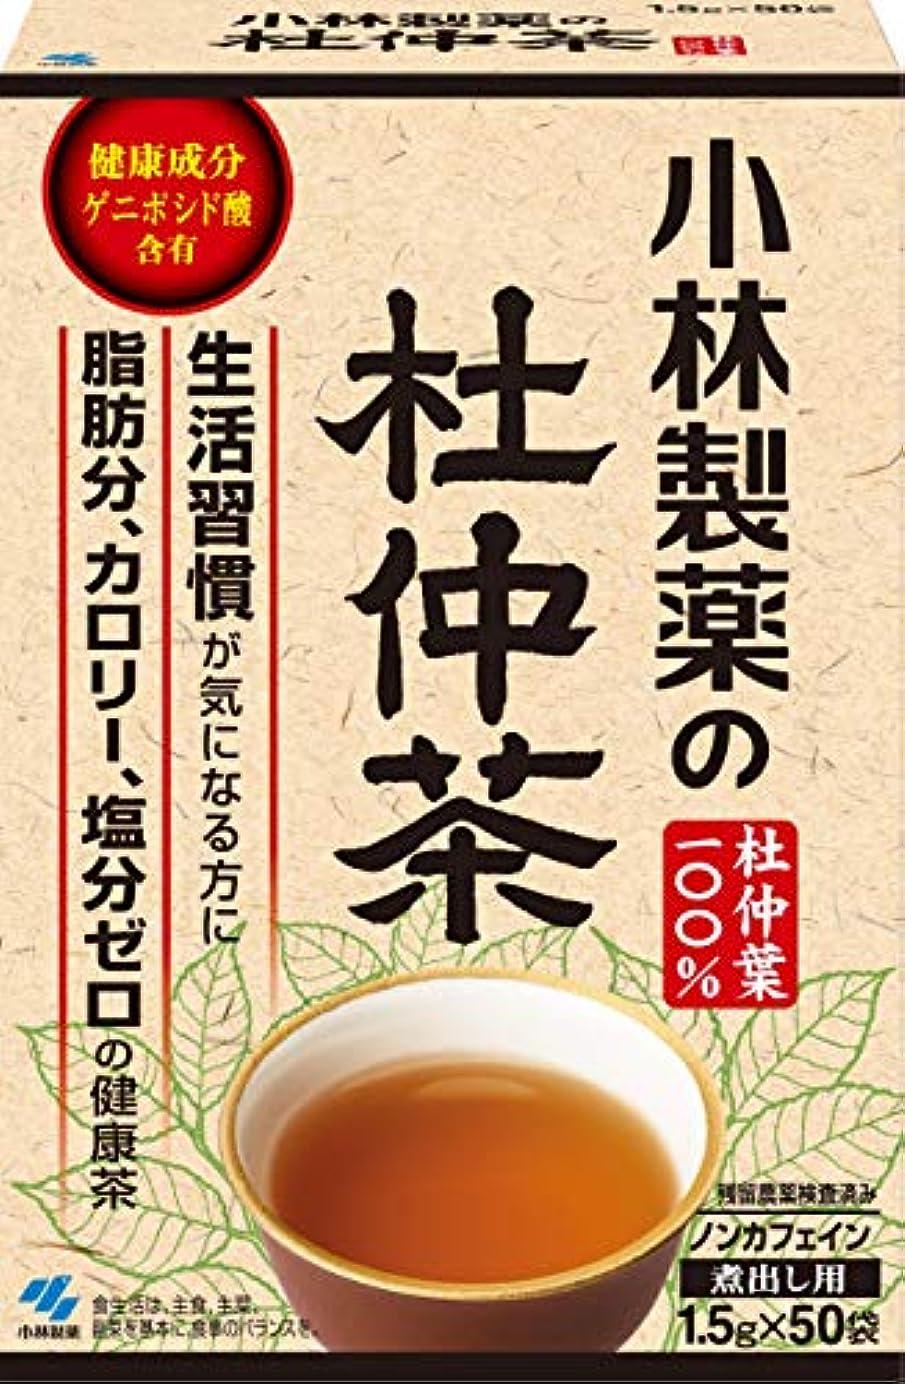 貞本物合わせて小林製薬の杜仲茶 1.5g×50袋